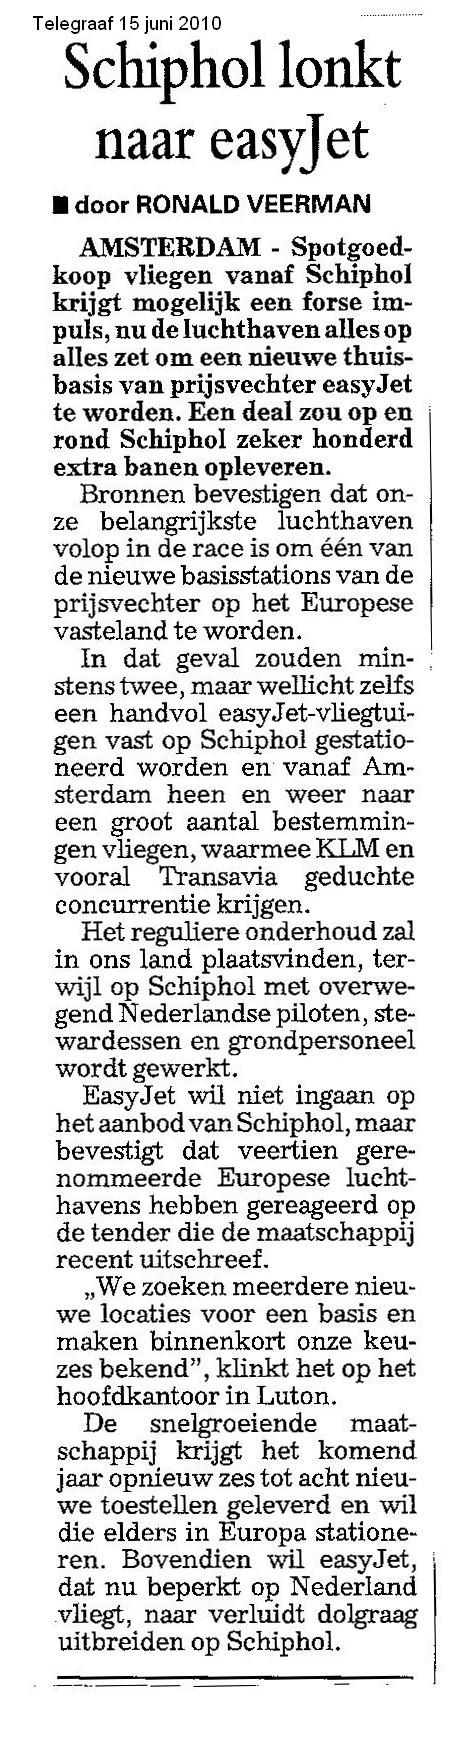 Schiphol lonkt naar EasyJet